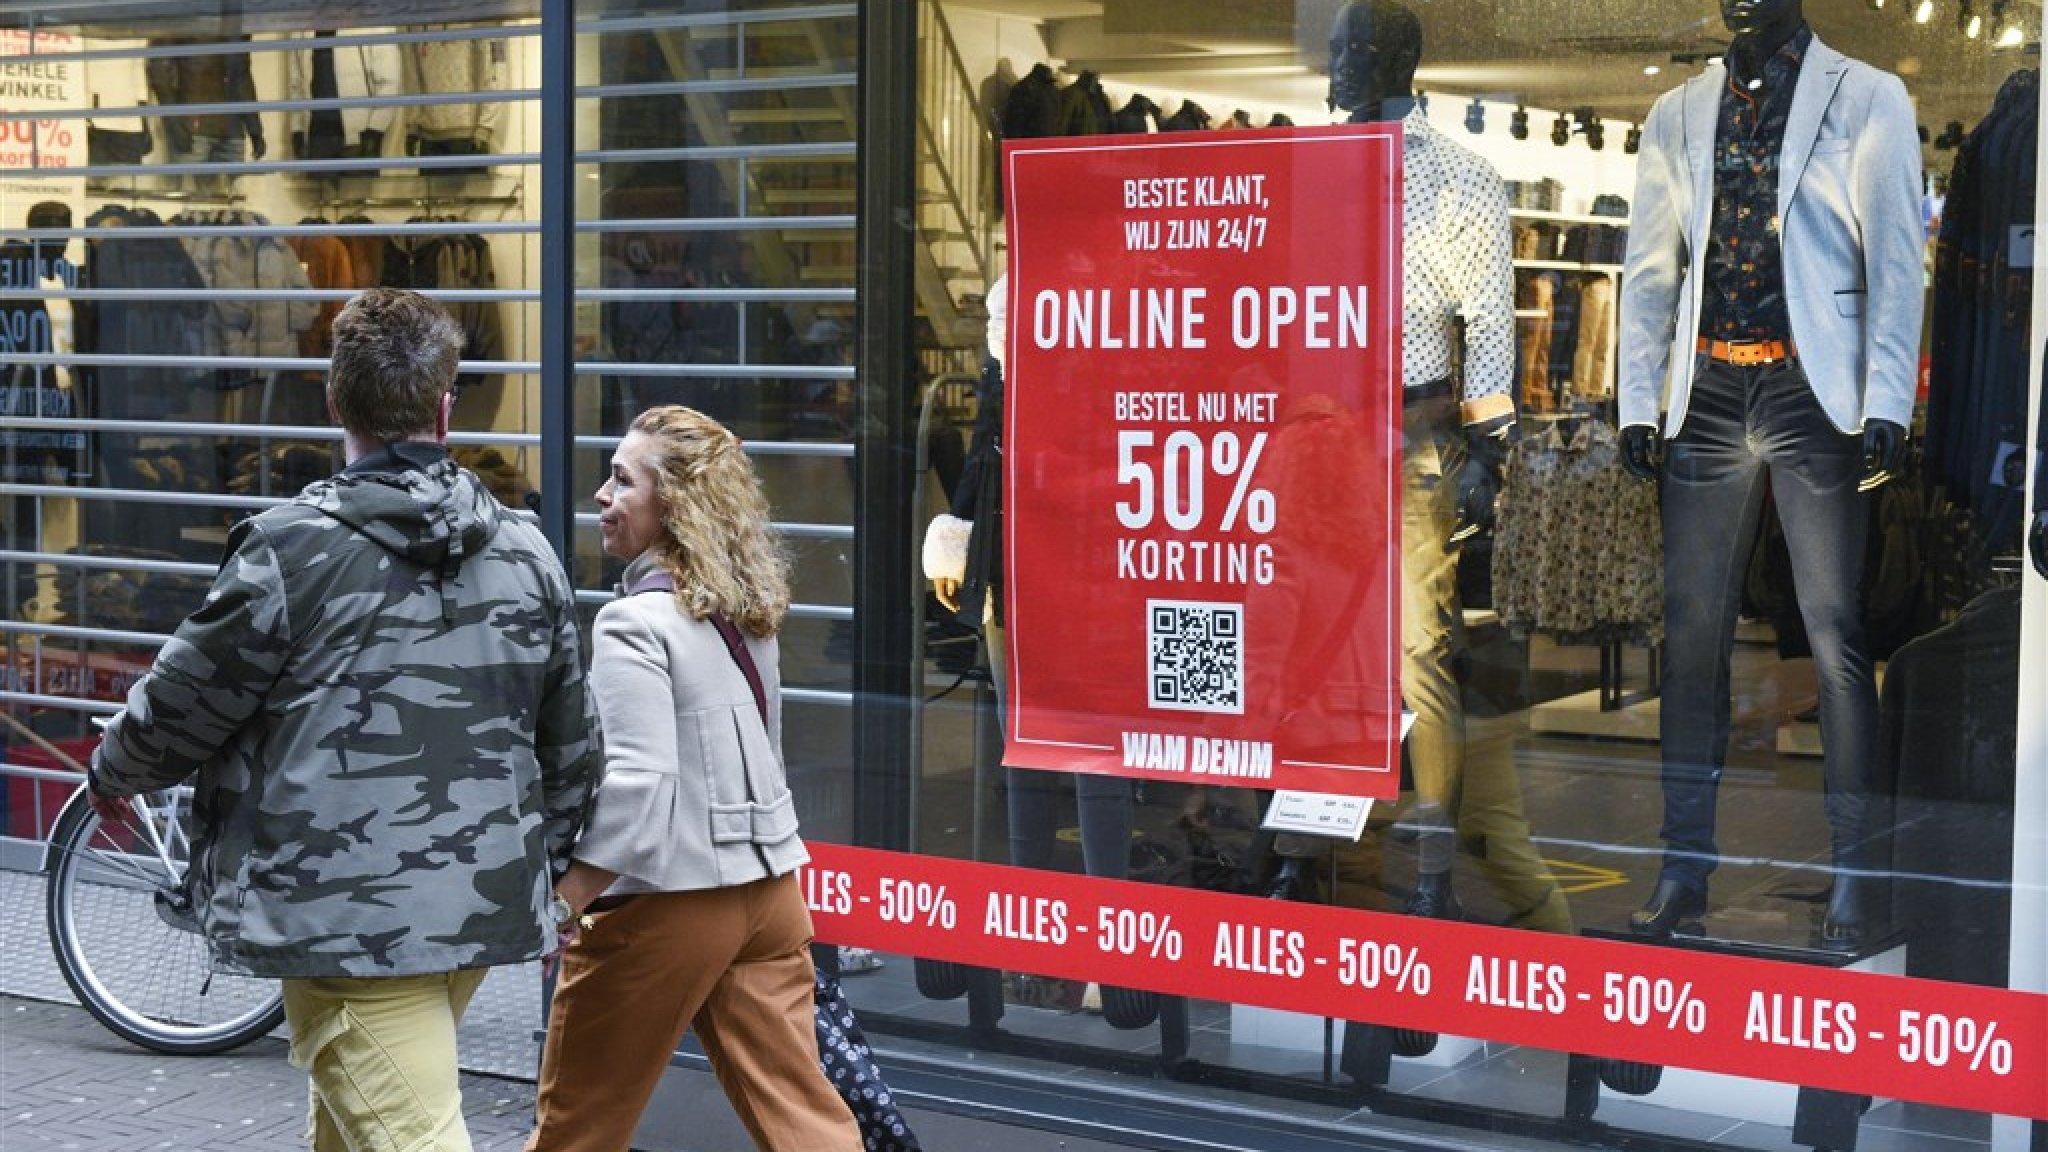 Winkeliers slepen staat voor de rechter en eisen heropening - RTL Nieuws